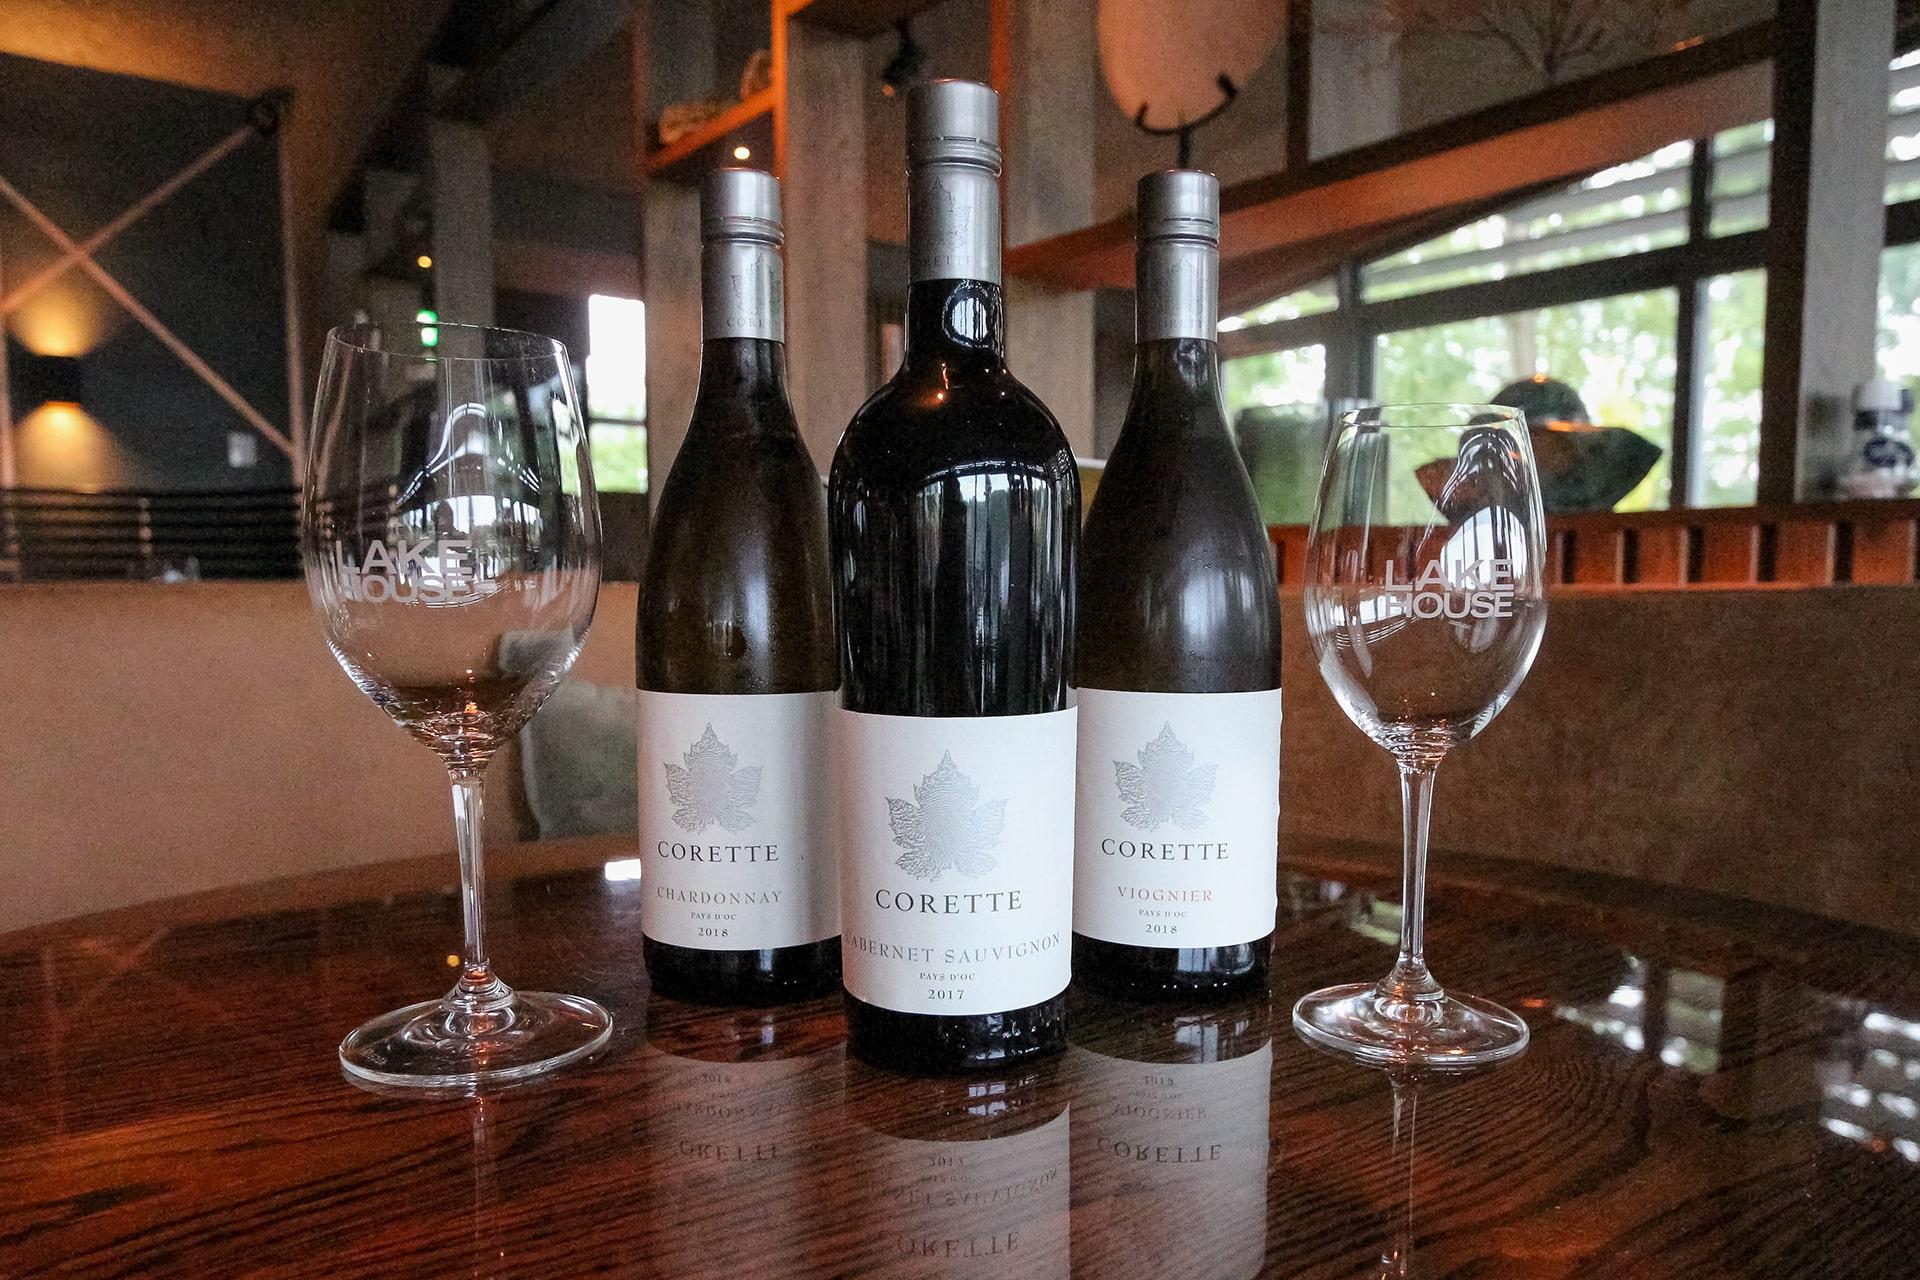 De wijnen van Corette, hardlopers bij Lake House